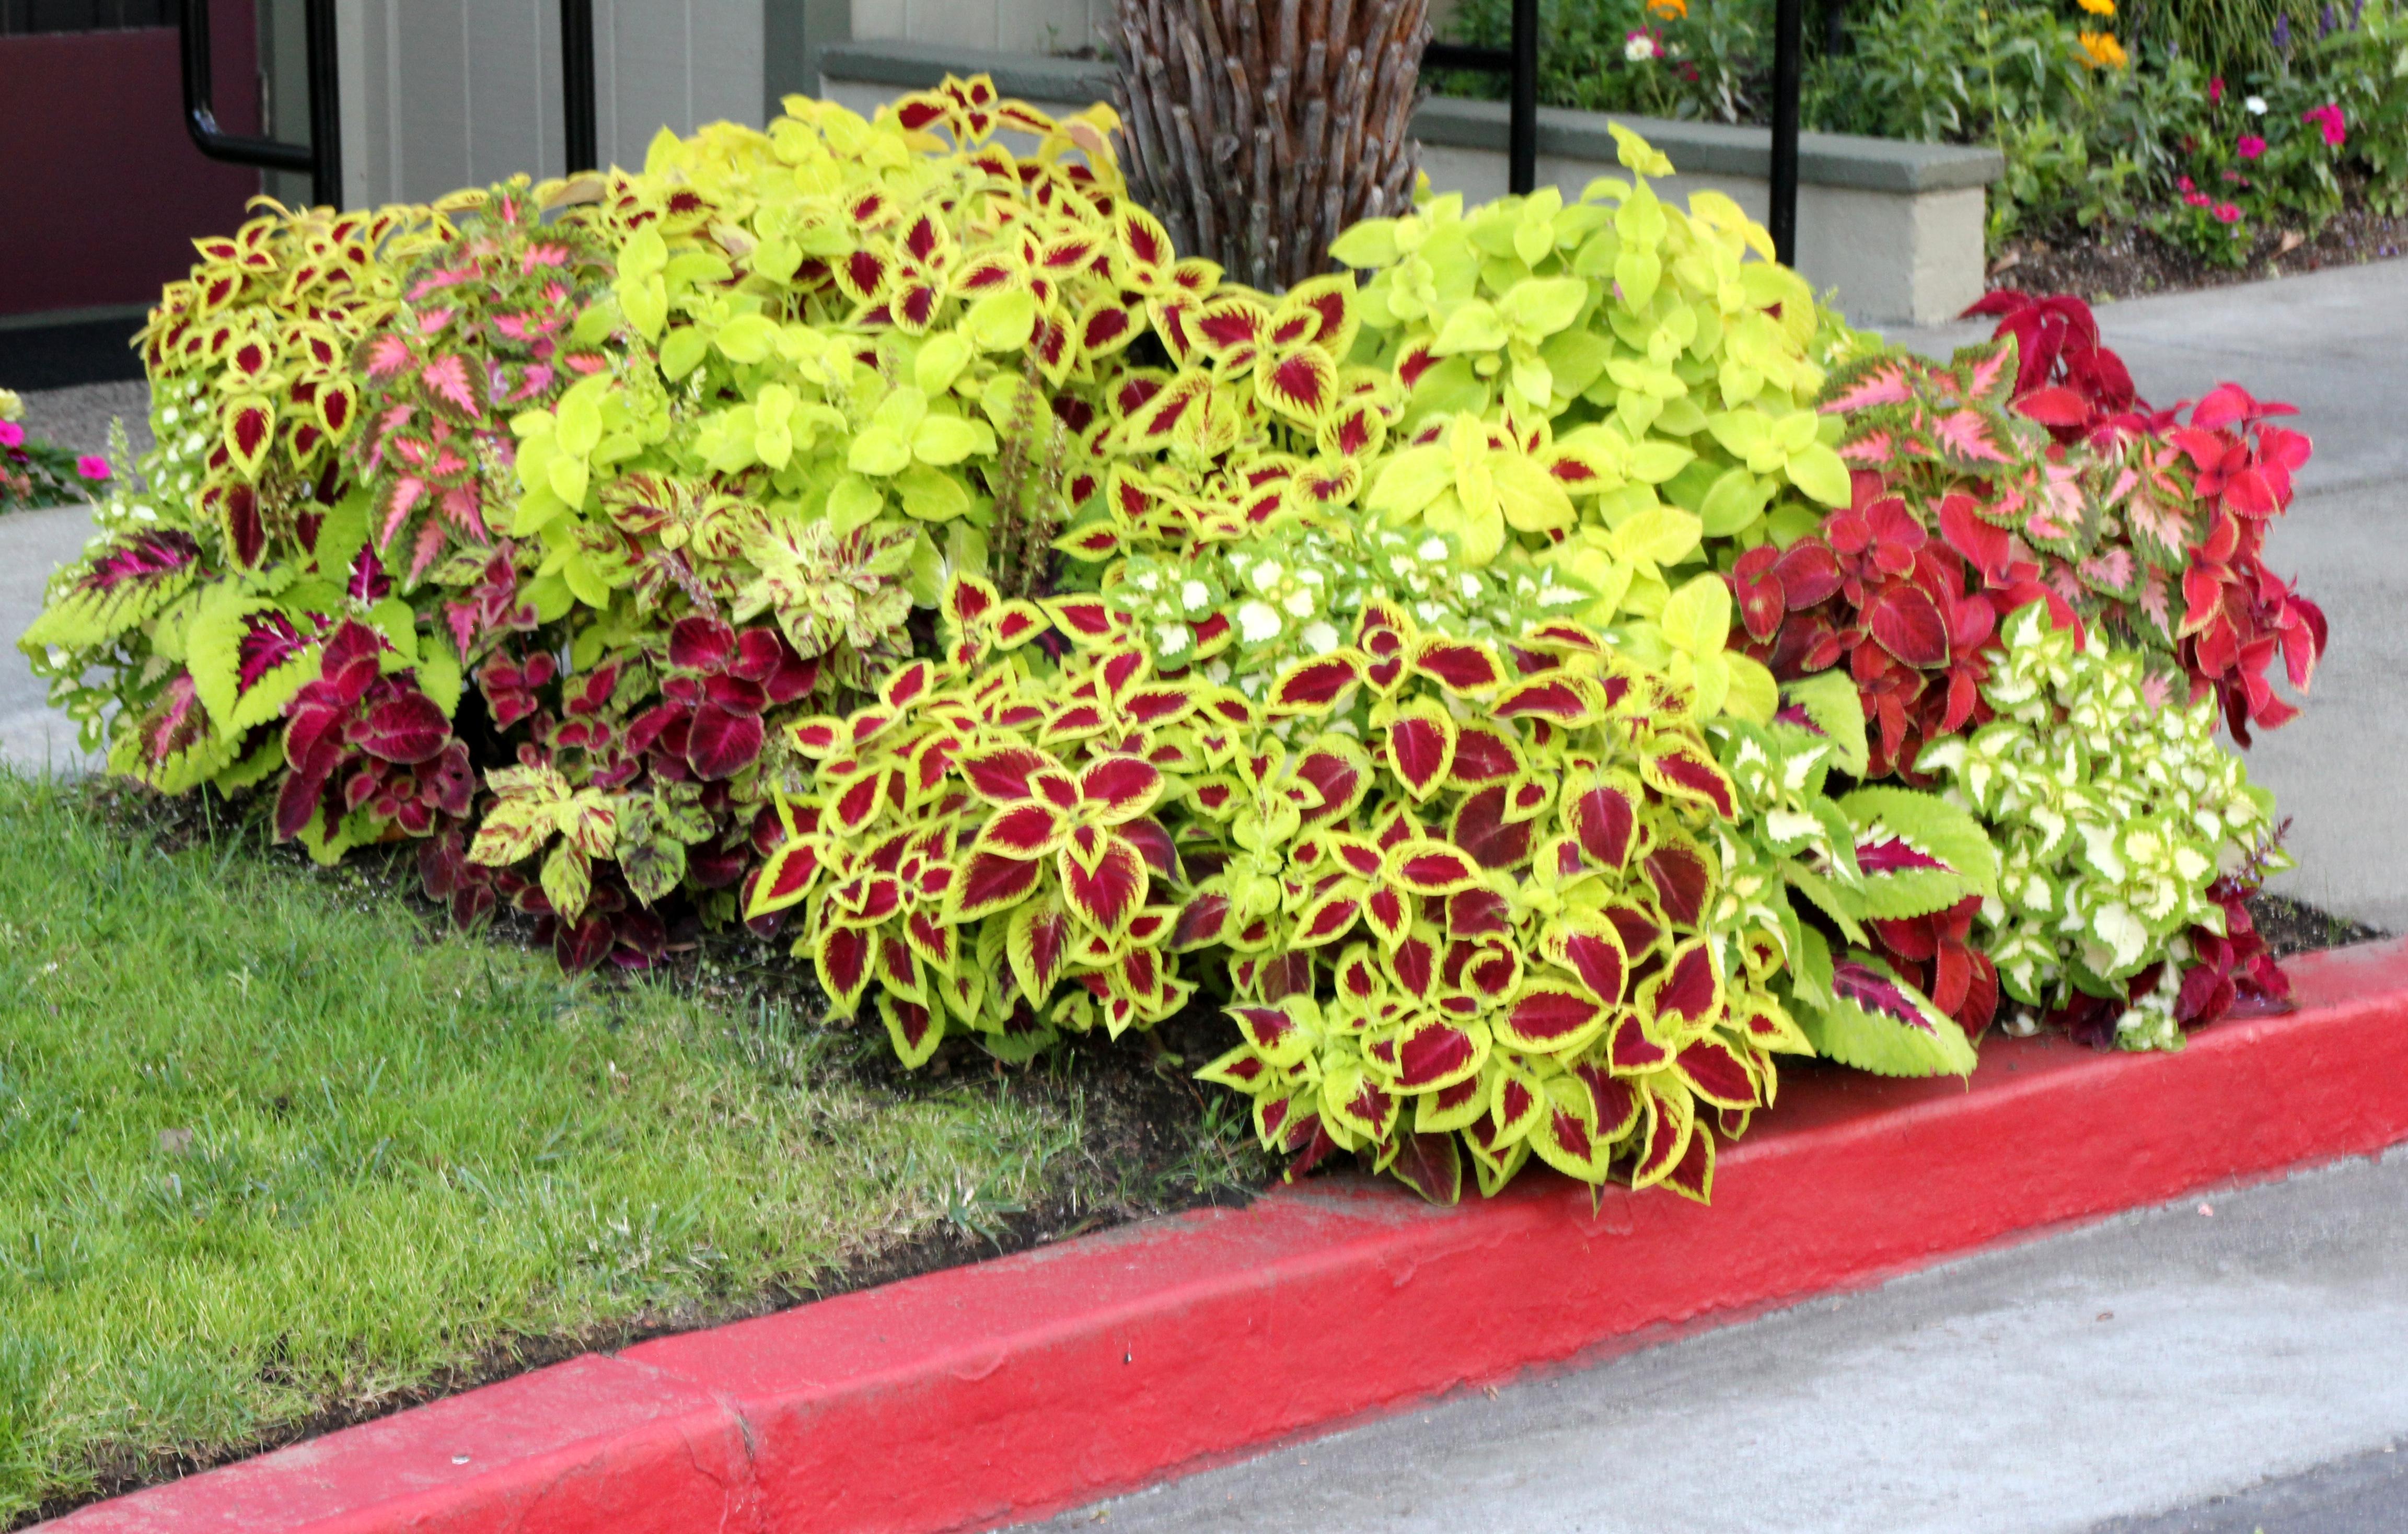 Coleus plante decorative urzicuta floare ornamentala Plante decorative